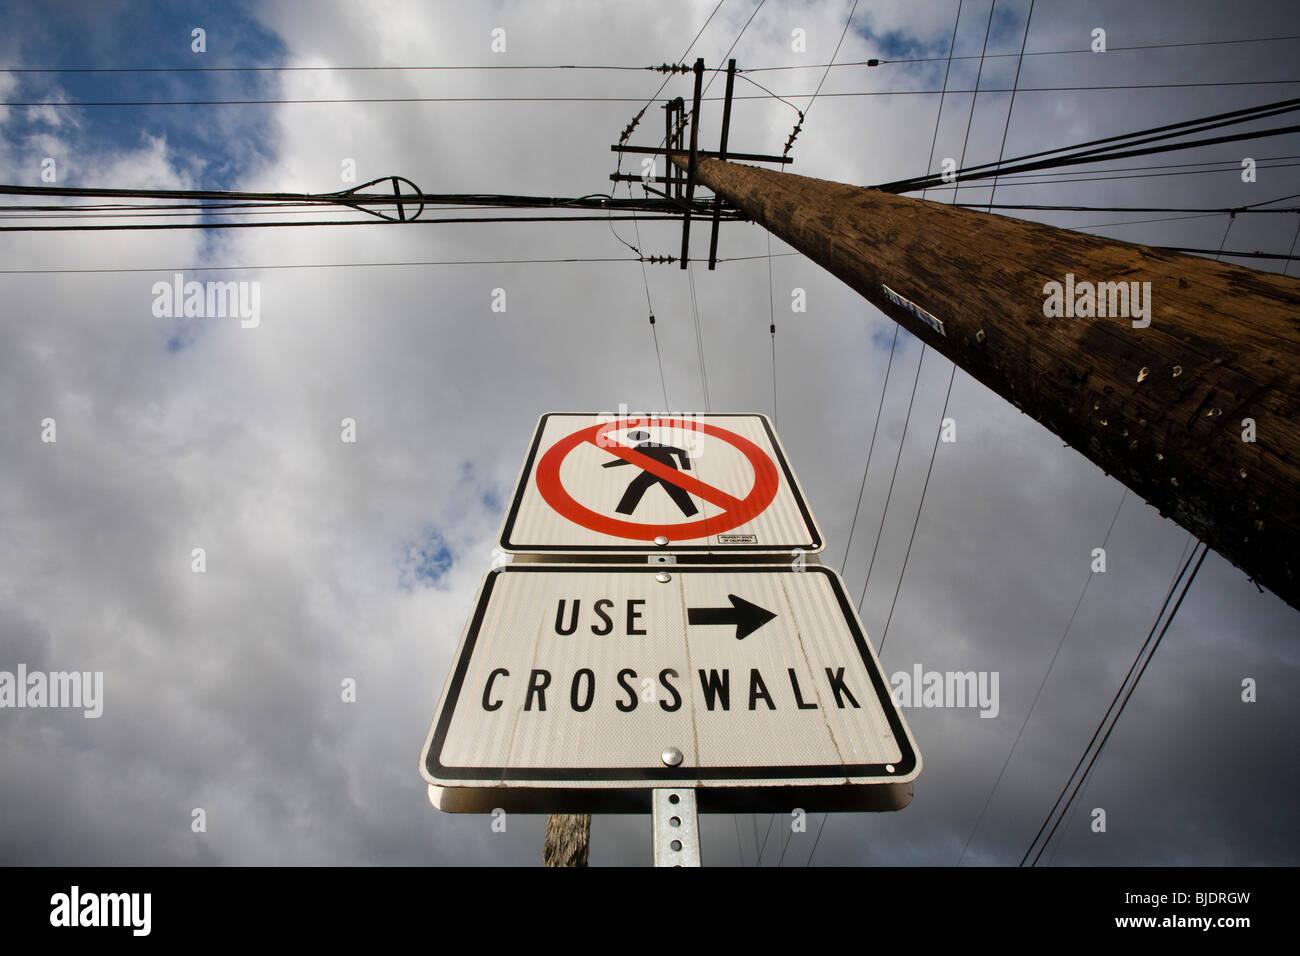 Verkehrszeichen und Stromleitungen in Culver City, Los Angeles County, California, Vereinigte Staaten von Amerika Stockbild